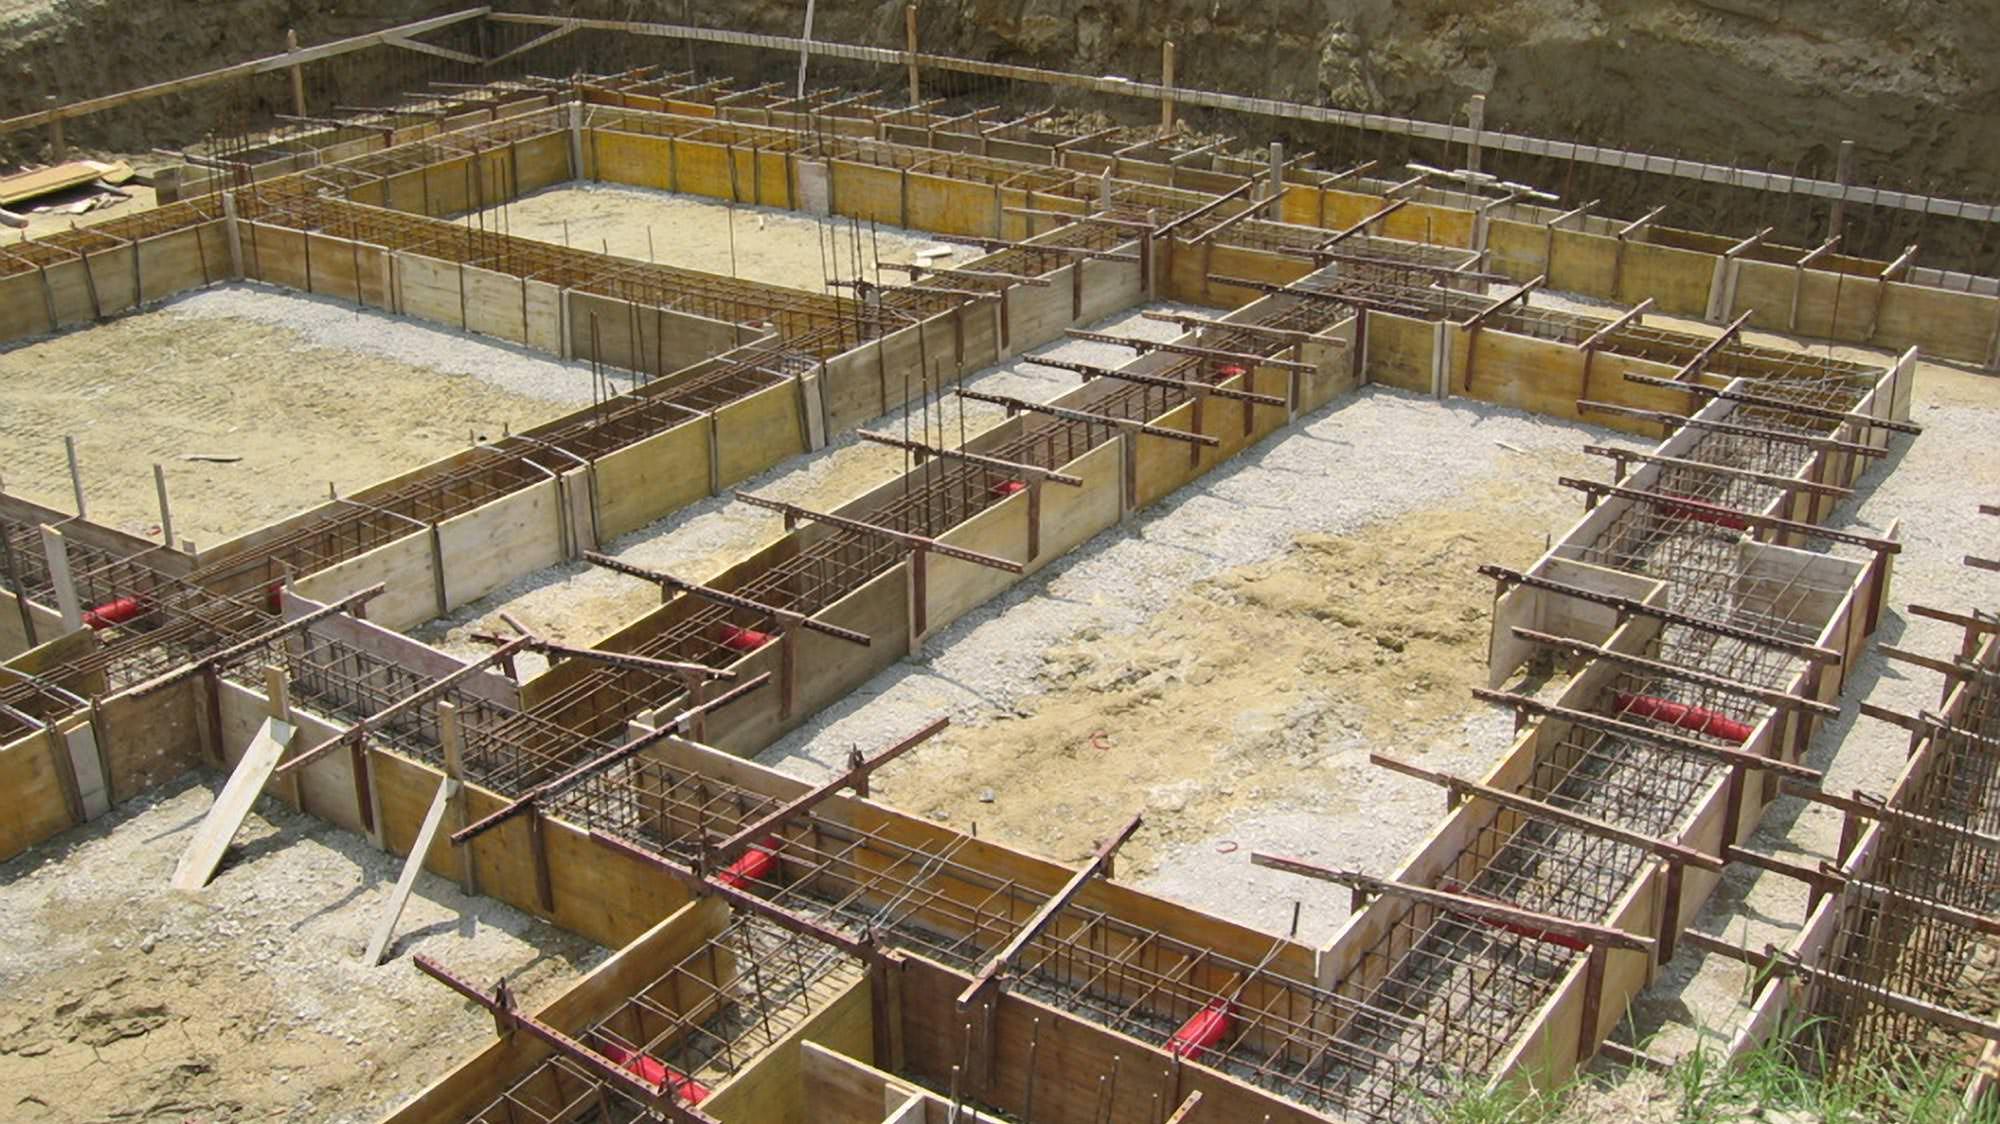 Gettare le fondazioni di un edificio | Panoramica generale